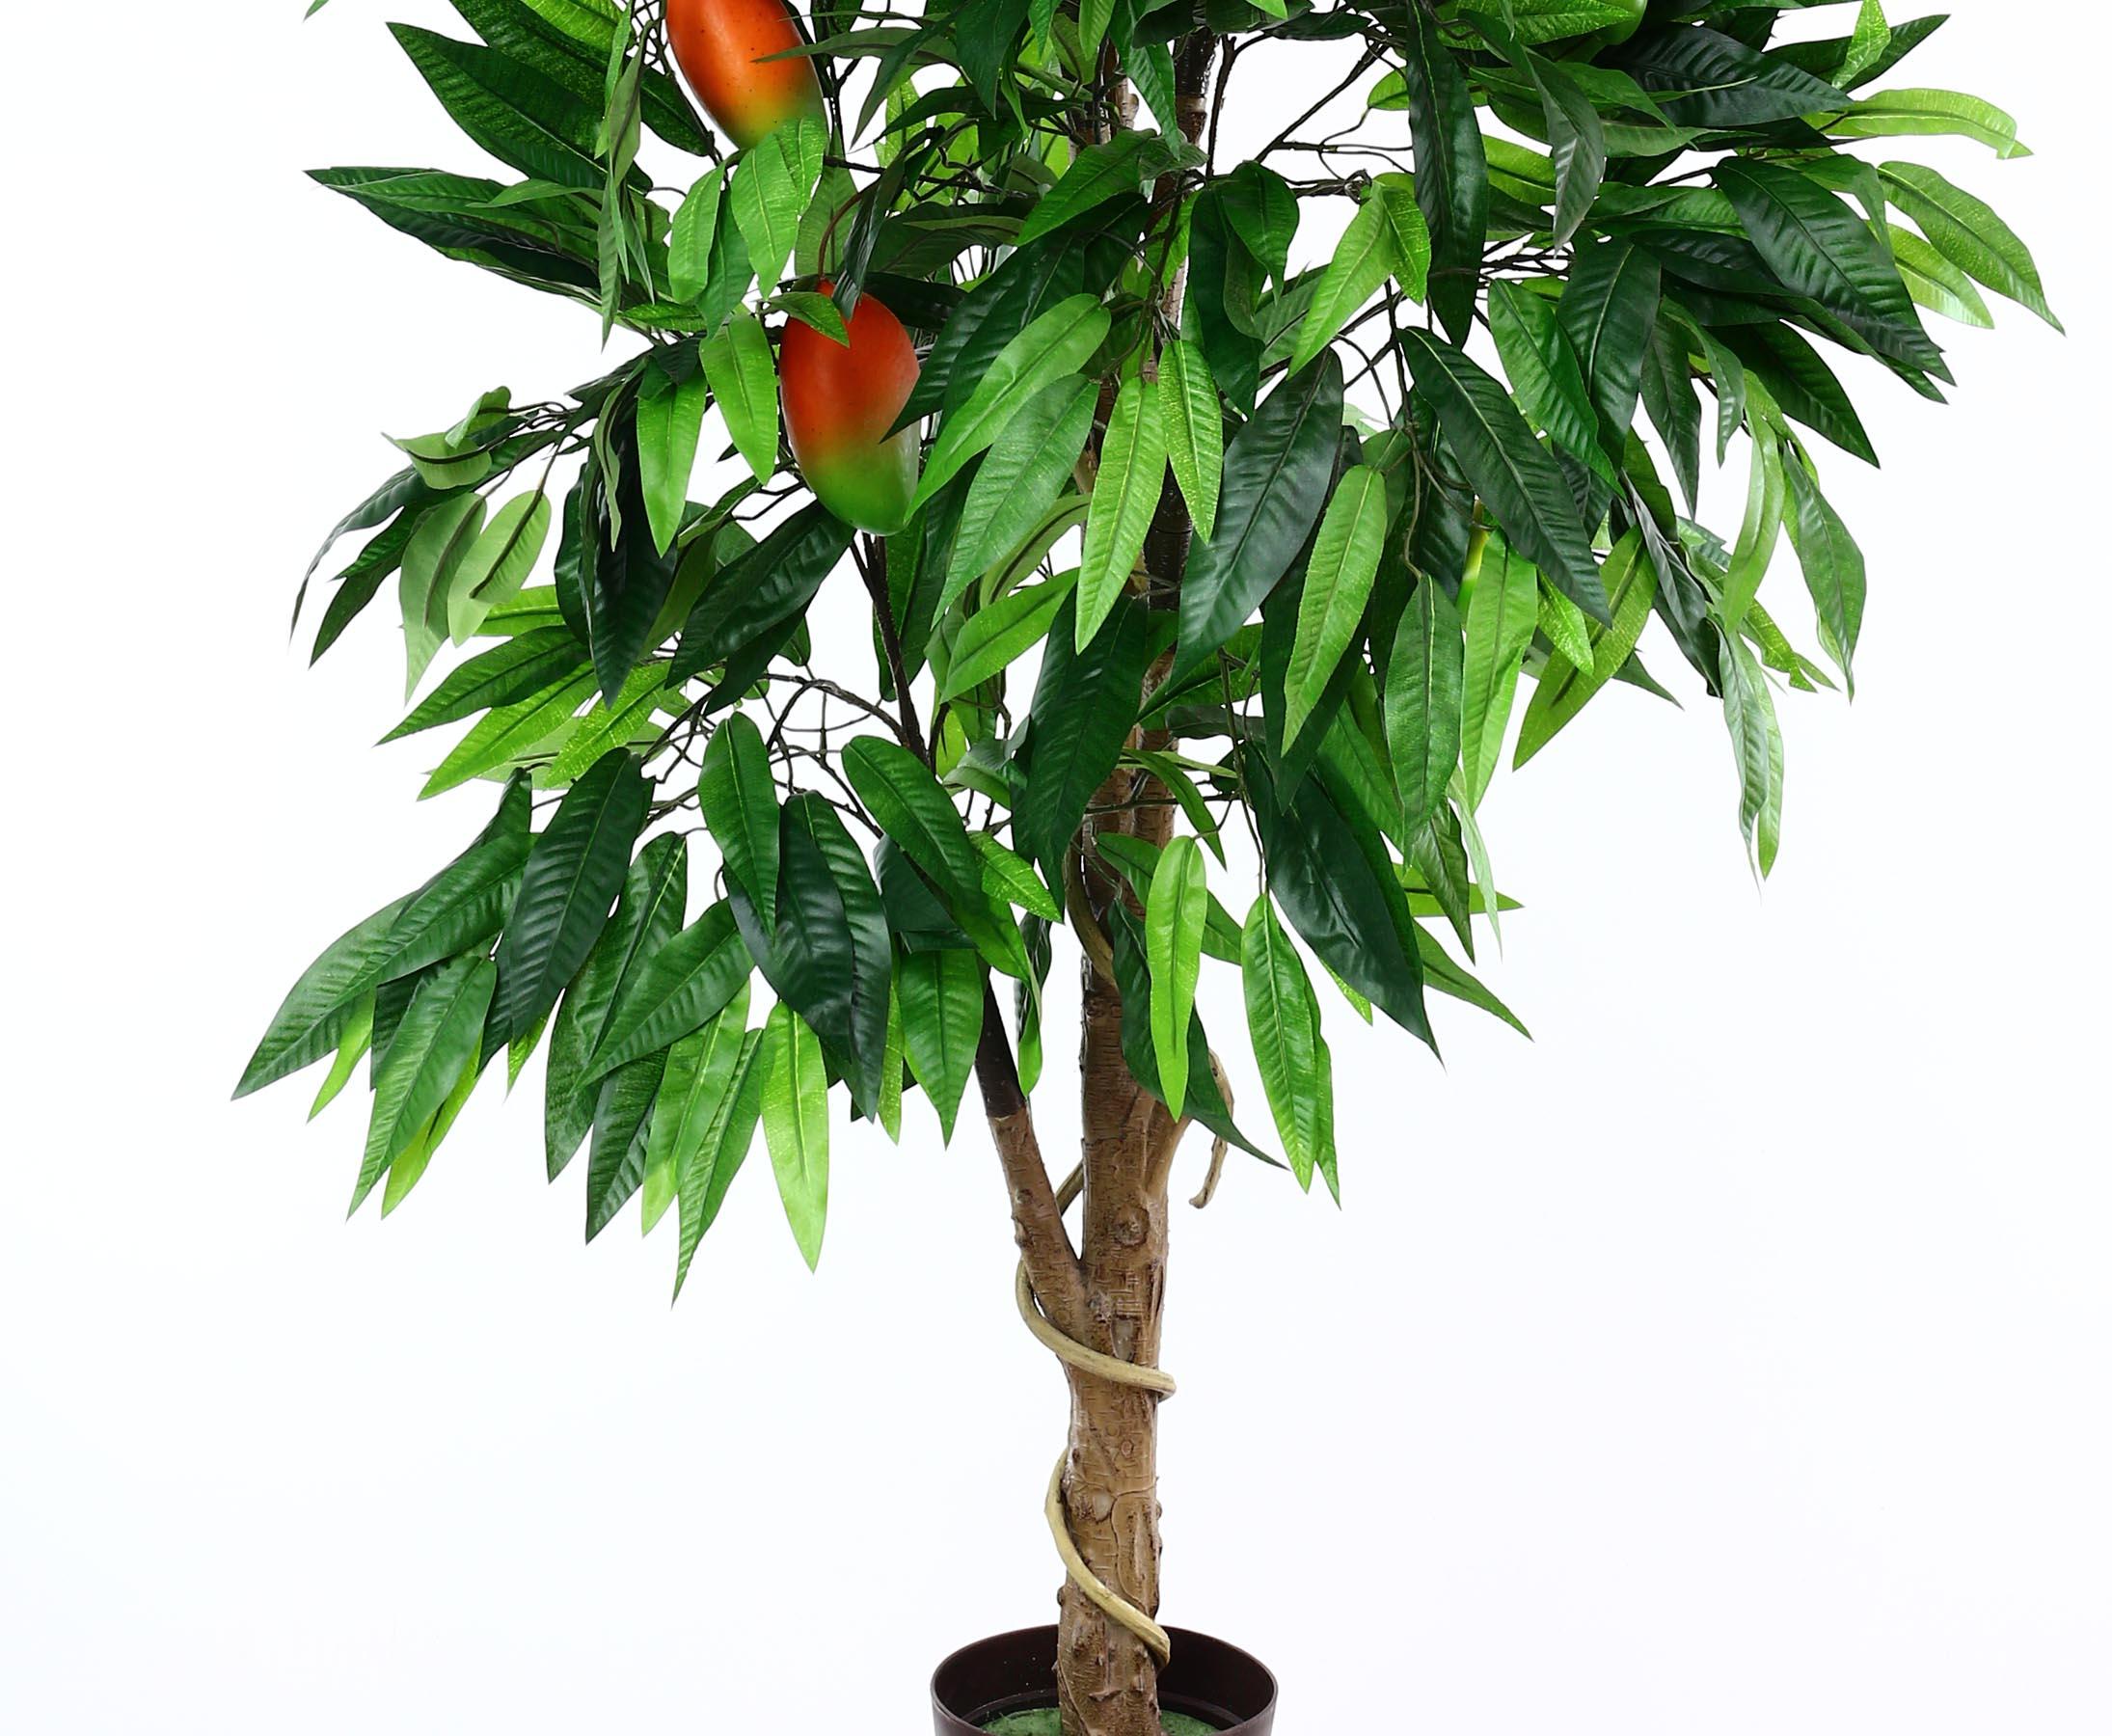 EUROPALMS Mangobaum mit Früchten 165cm